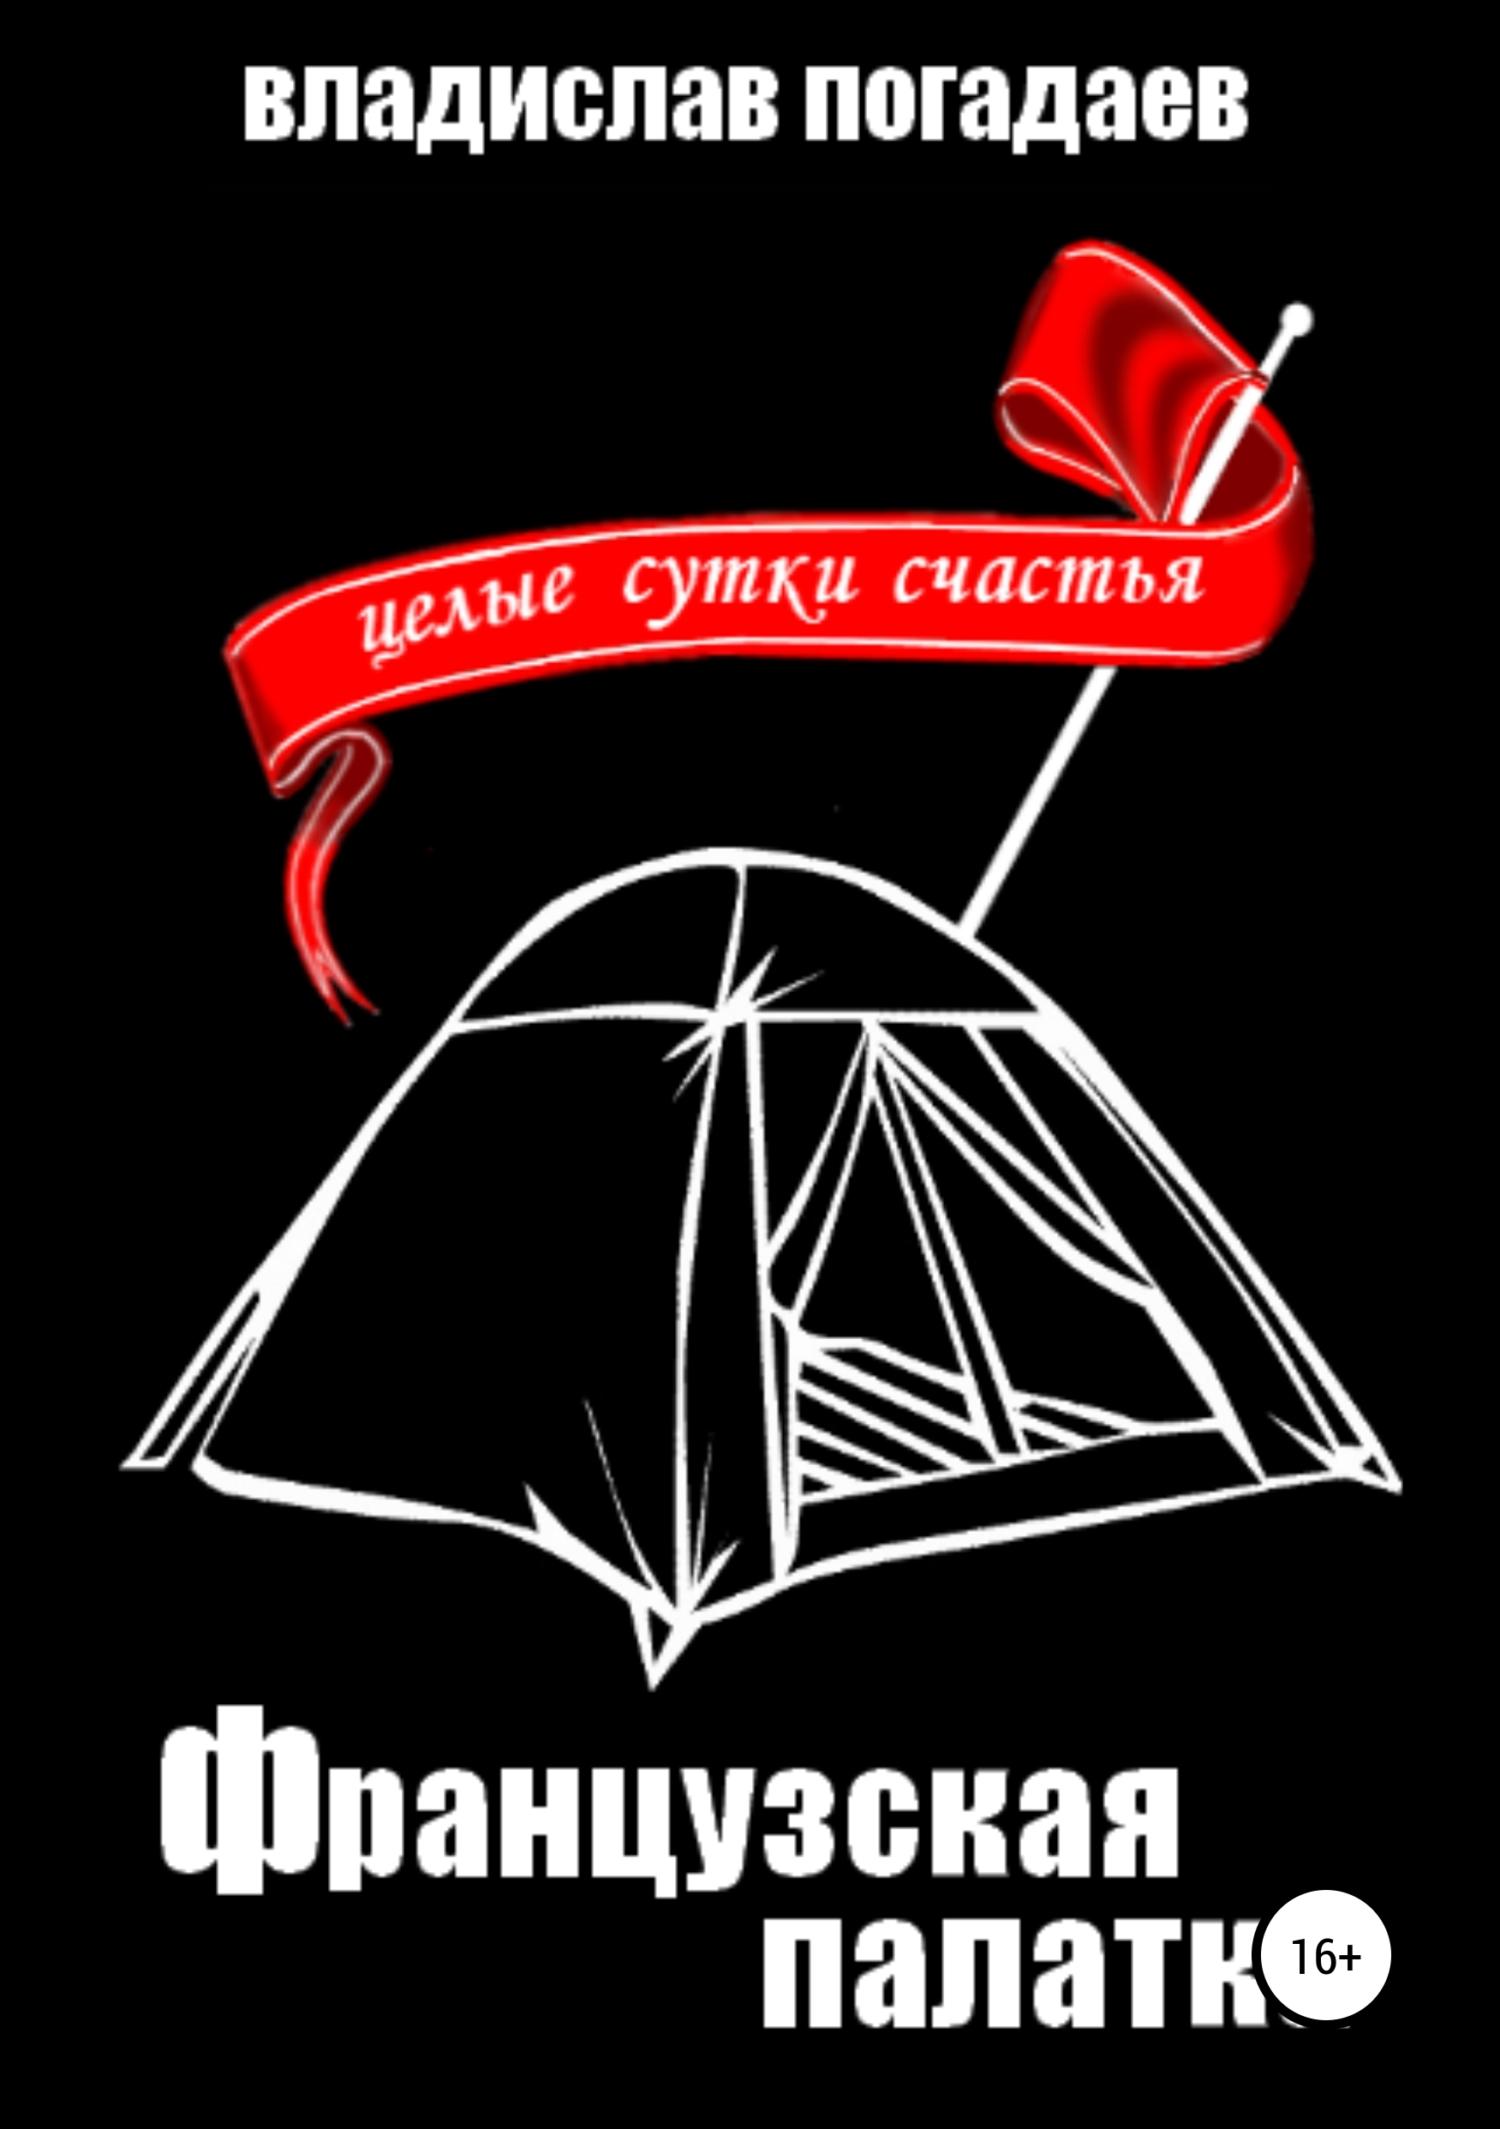 цена на Владислав Михайлович Погадаев Французская палатка, или Целые сутки счастья